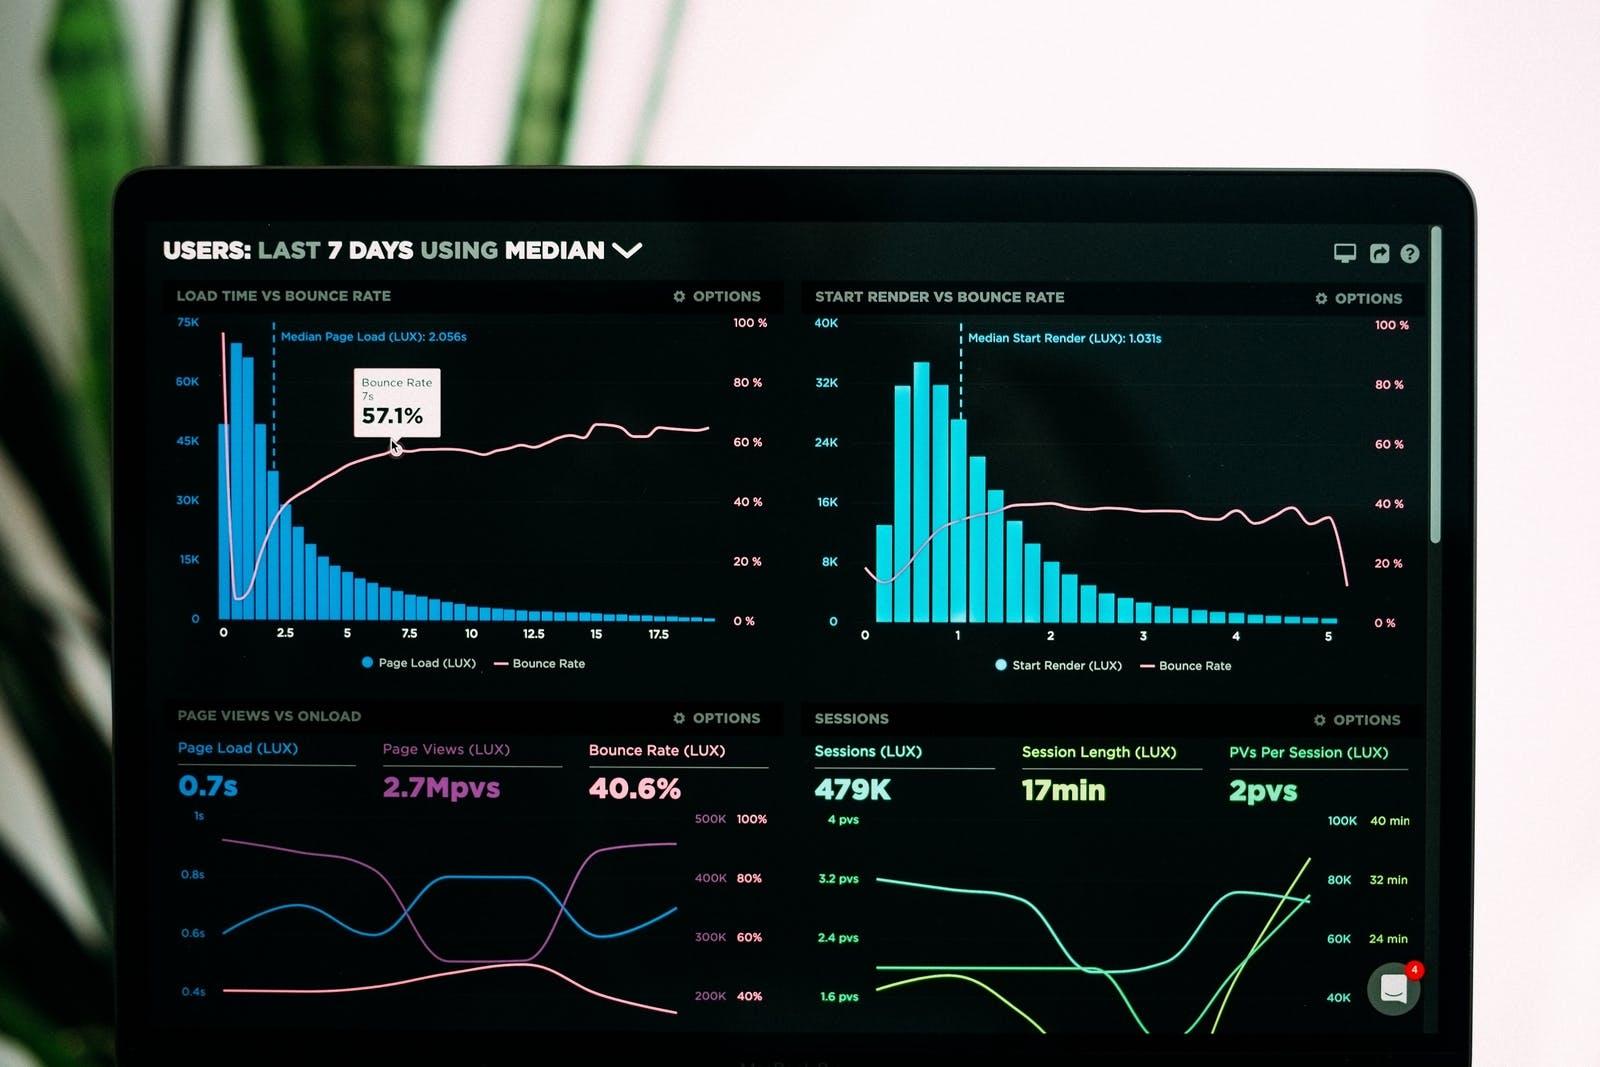 analisi dati di facebook ads per ecommerce